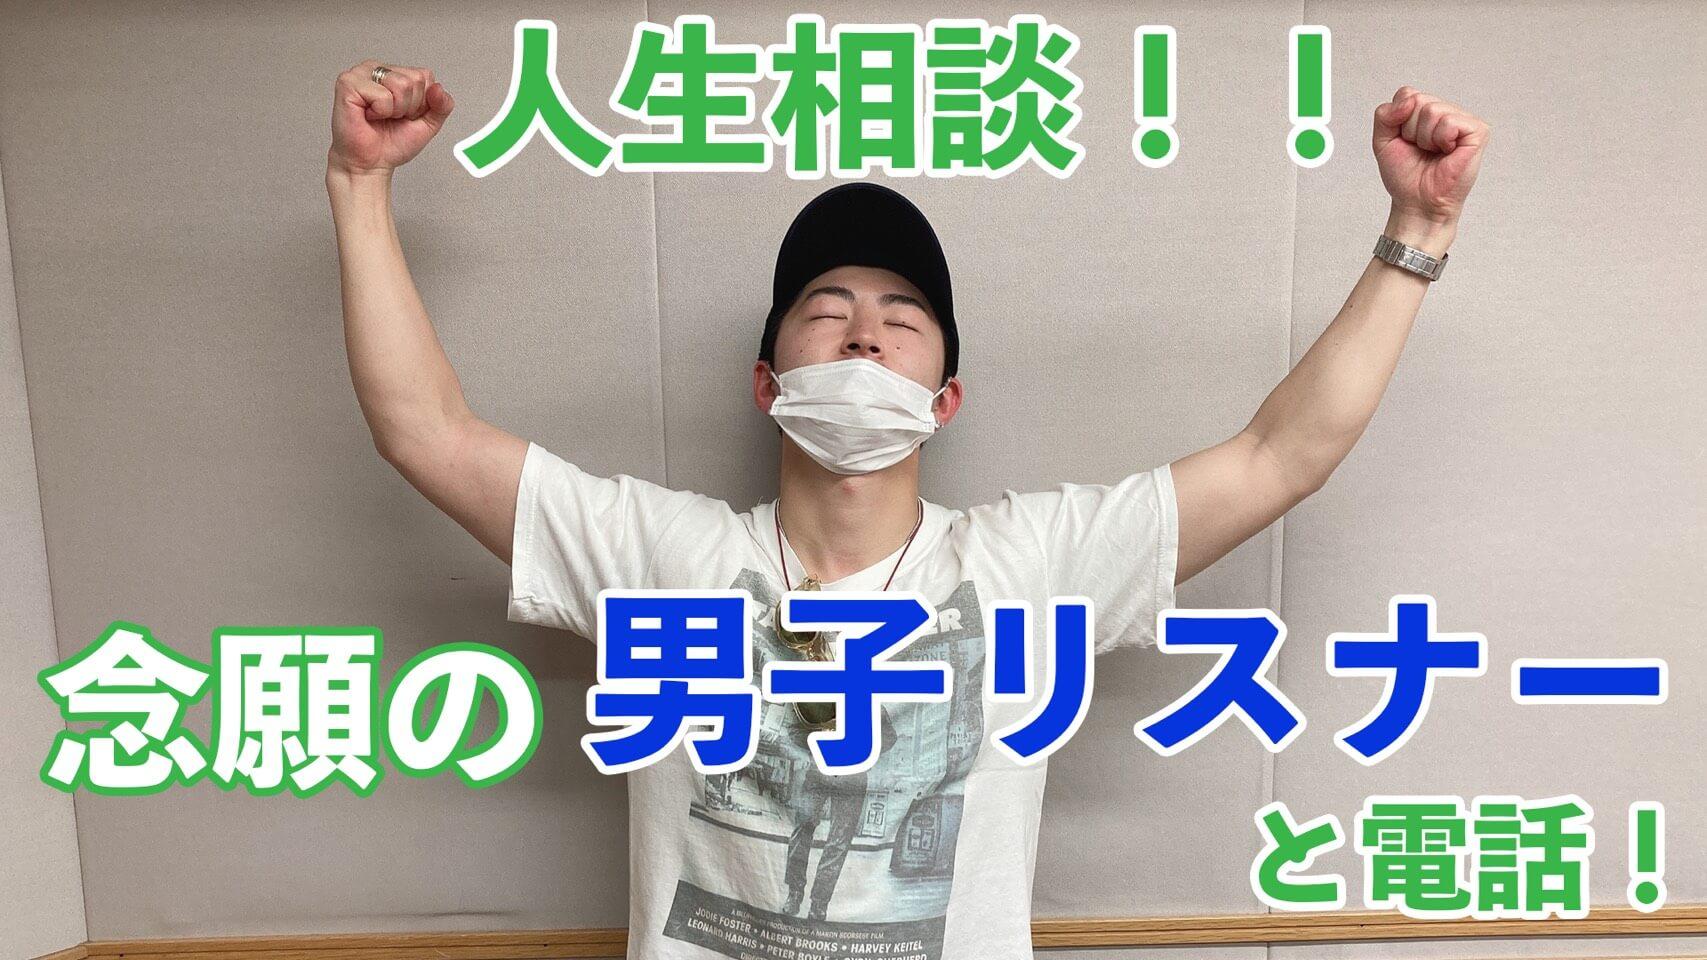 念願の男子リスナーと電話!人生相談!!